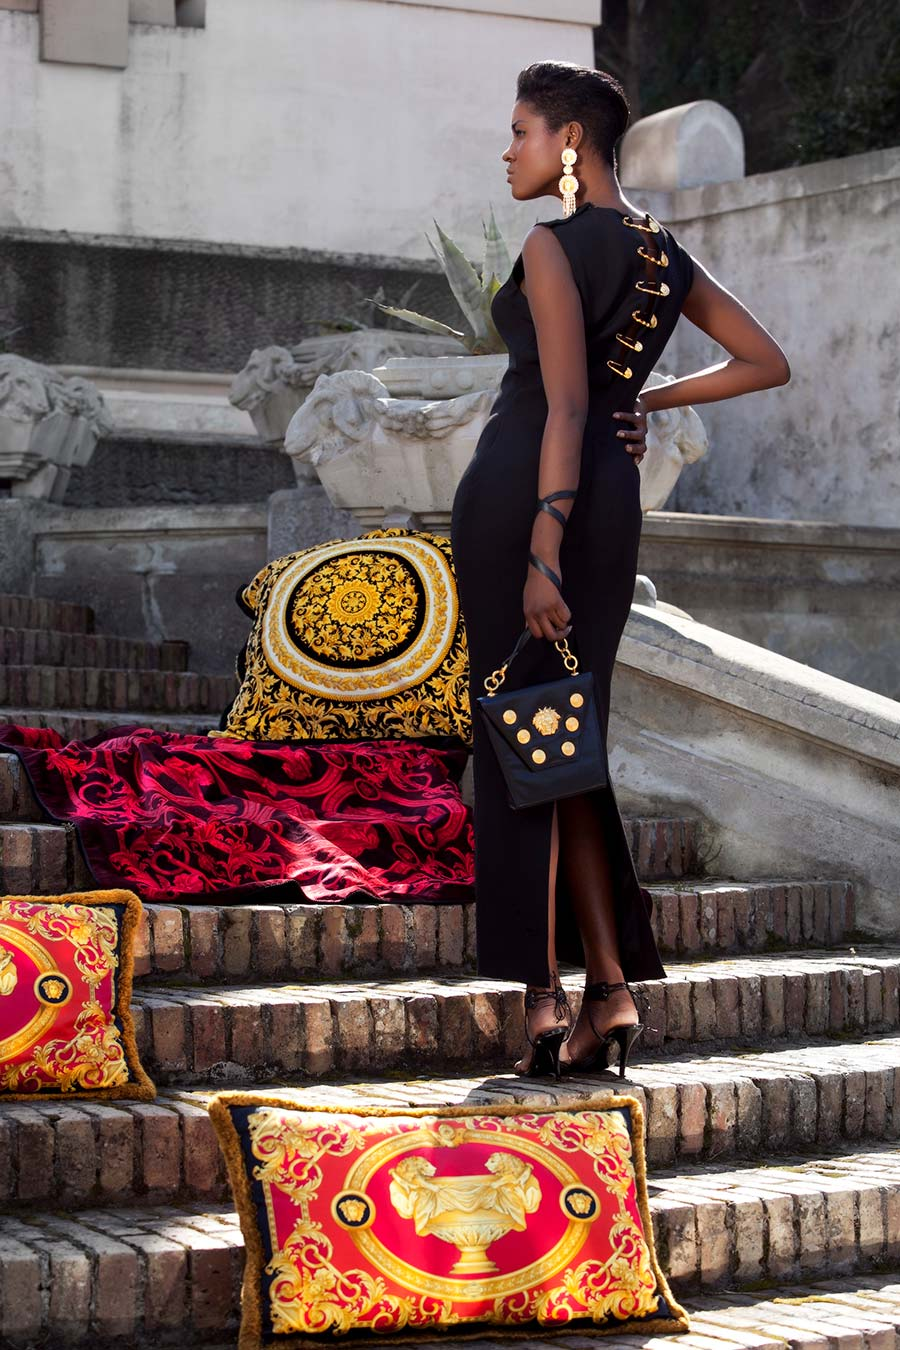 Modella di colore in piedi su di una scalinata di pietra, tra cuscini con logo Versace - Dialoghi / Dissing - Gianni Versace Magna Grecia Tribute (photo©iTrancheseFotografi)